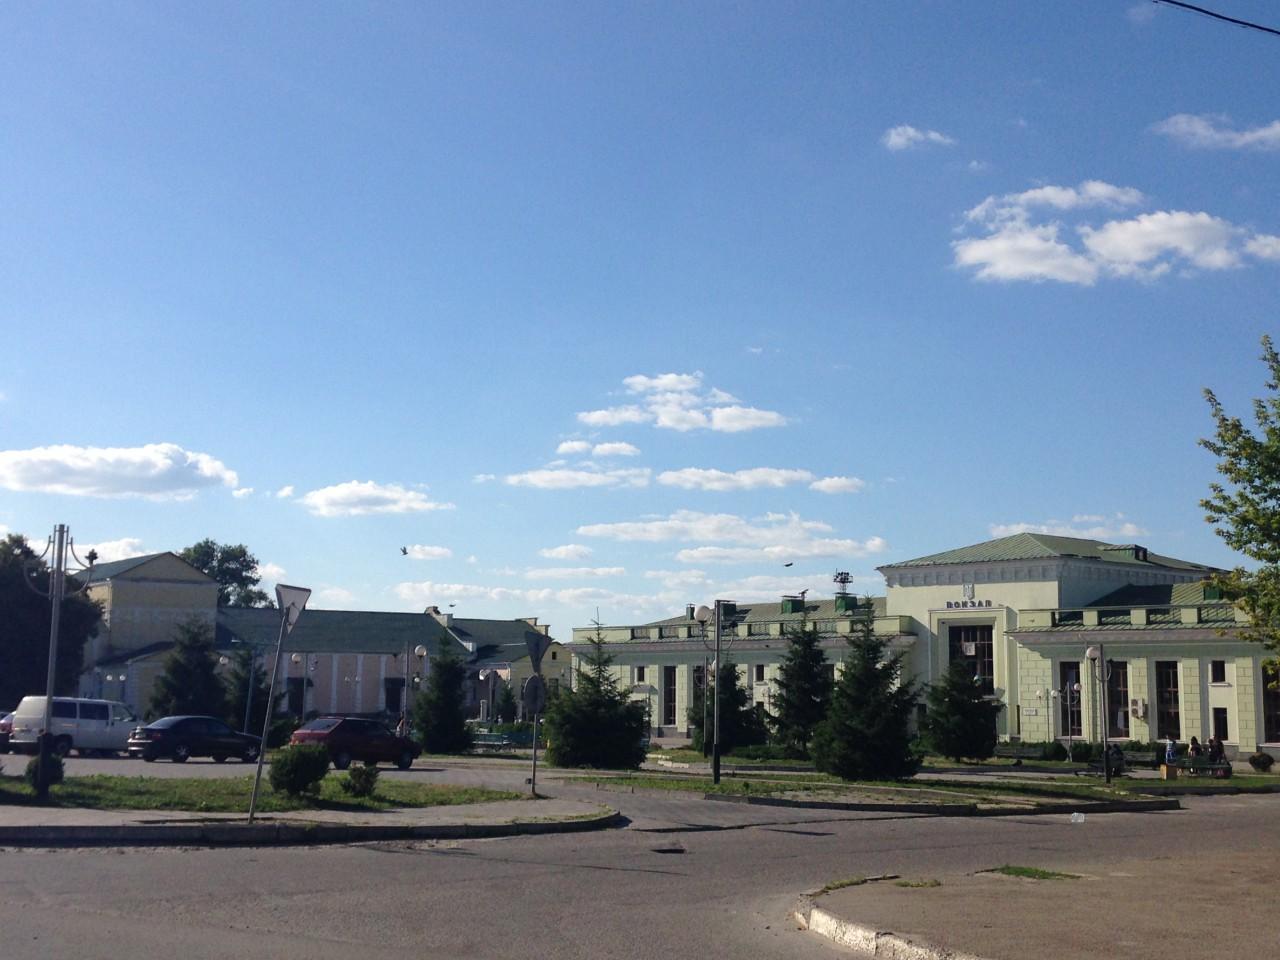 Місця відпочинку в Шепетівці: побудували, а утримувати хто буде? Площа Г.Кірпи